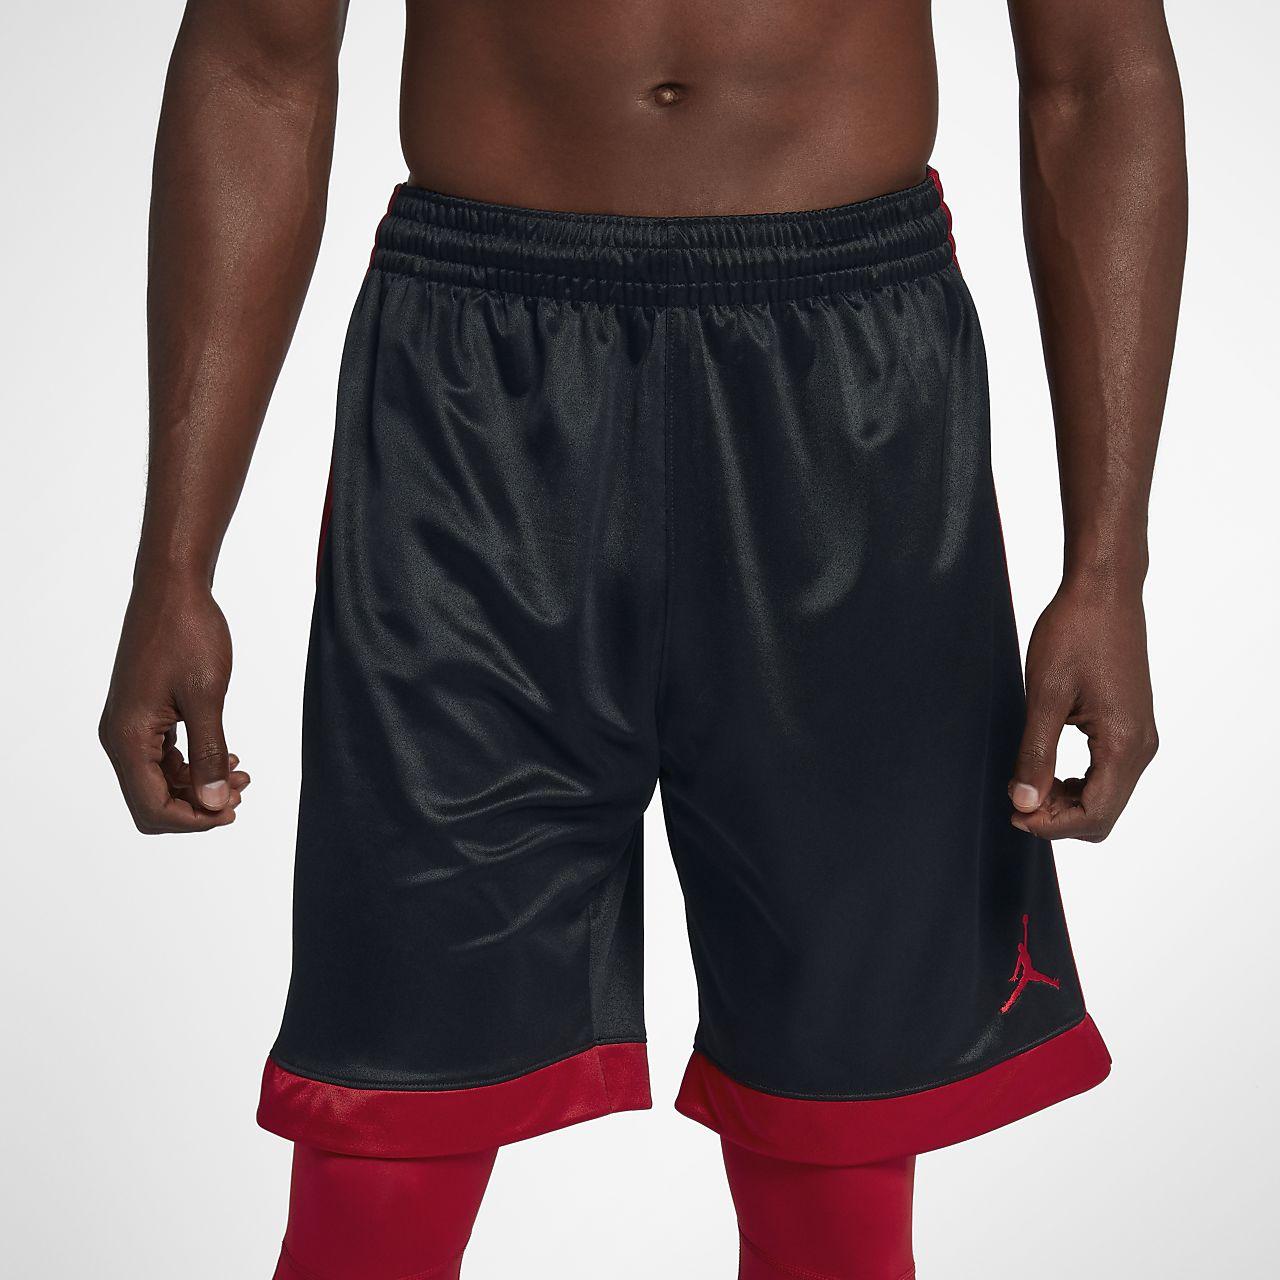 Calções de basquetebol Jordan Shimmer para homem